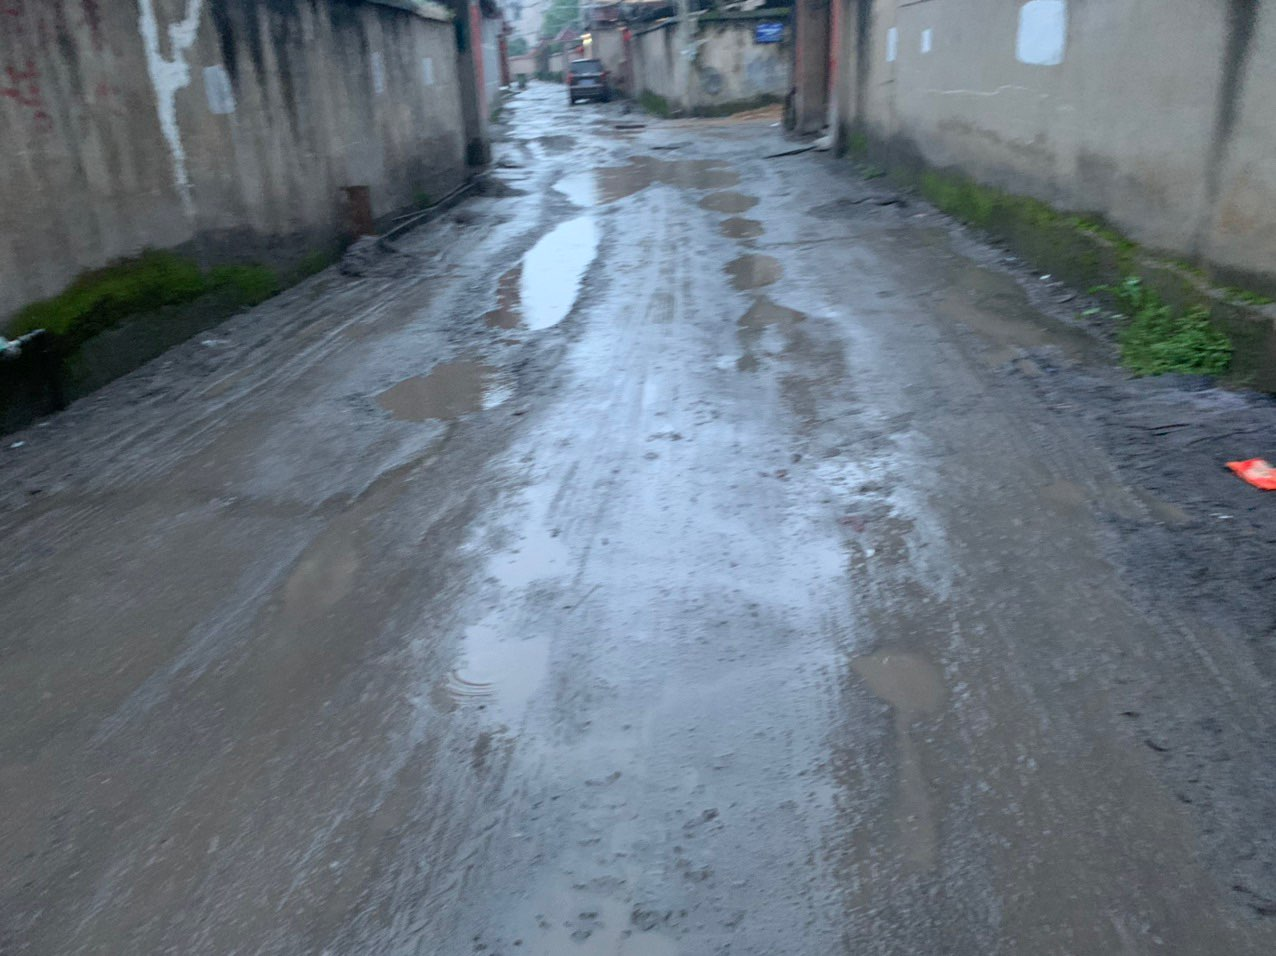 去年12月就挖了,龙门南路附近的路到底什么时候能修?